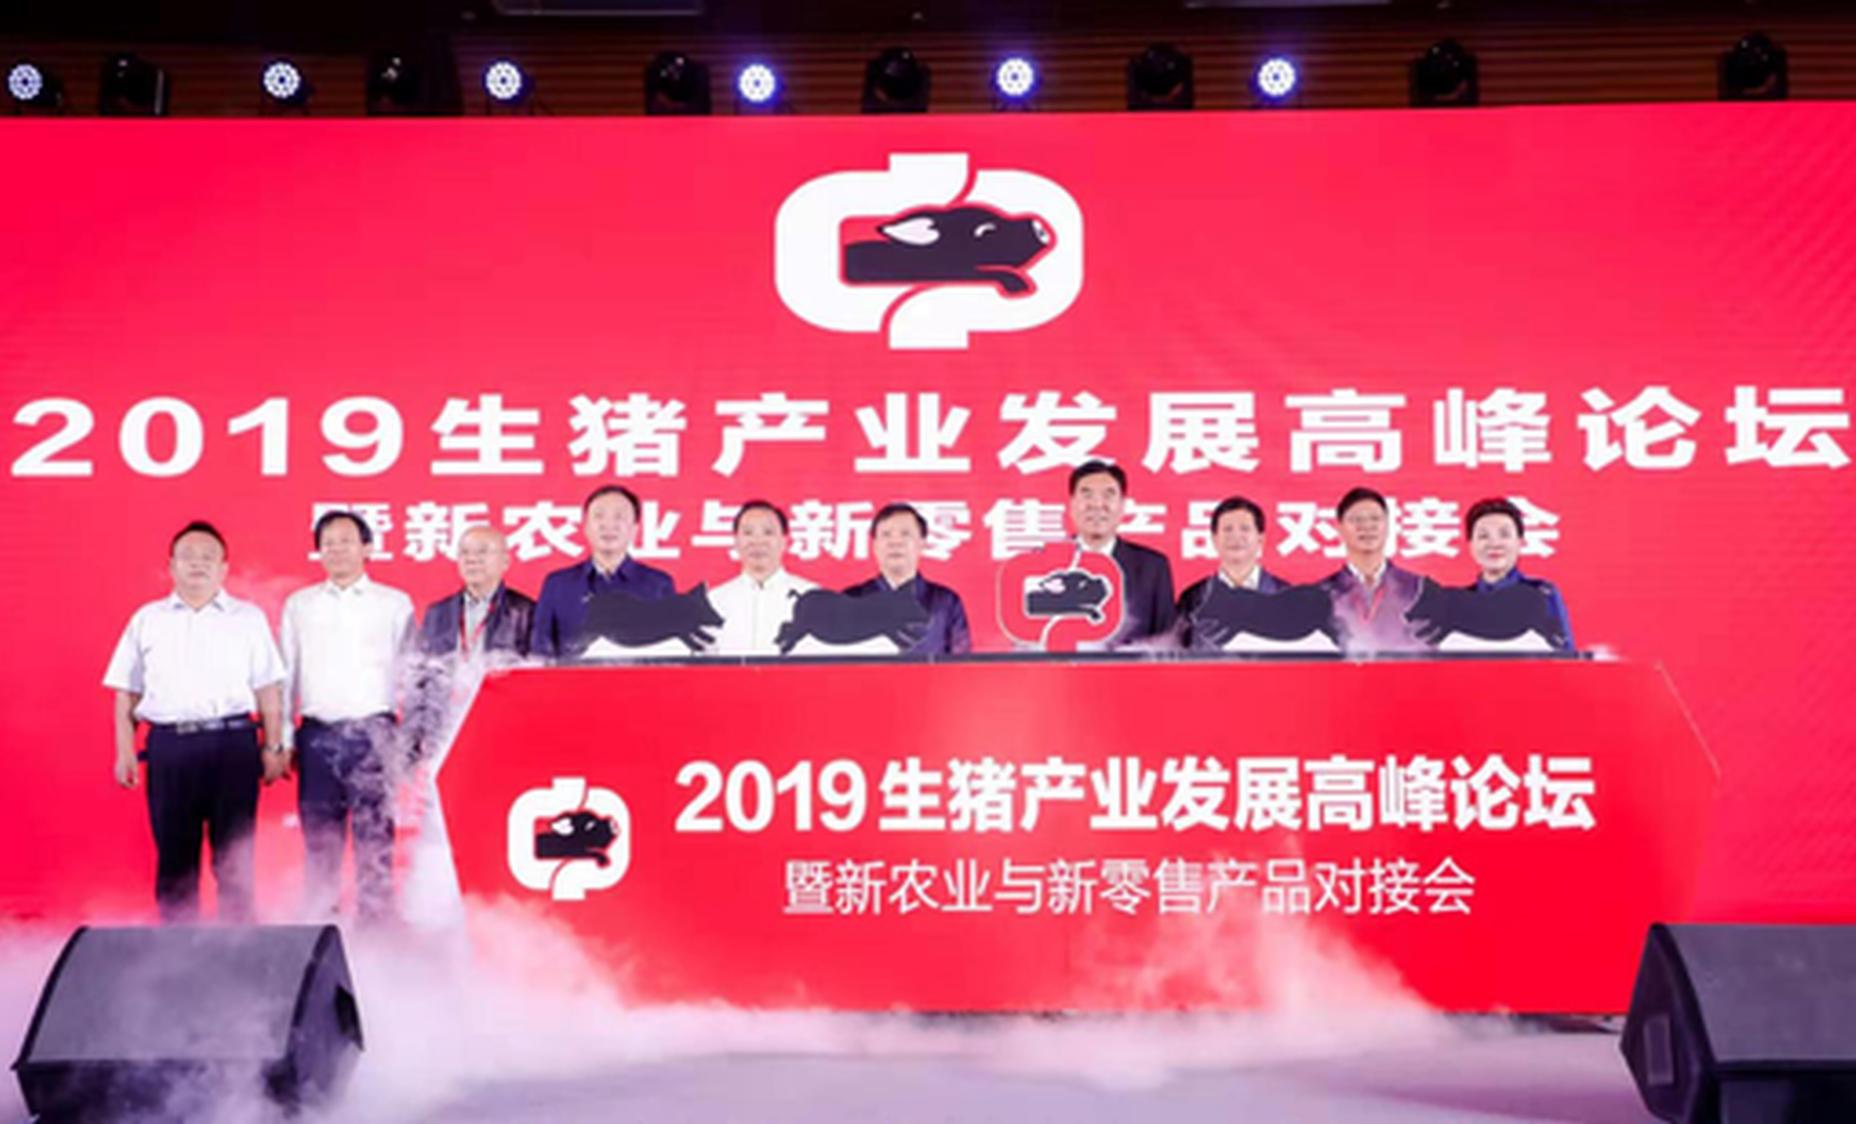 2019生猪产业发展高峰论坛开幕   《长沙宣言》为打造生猪强国